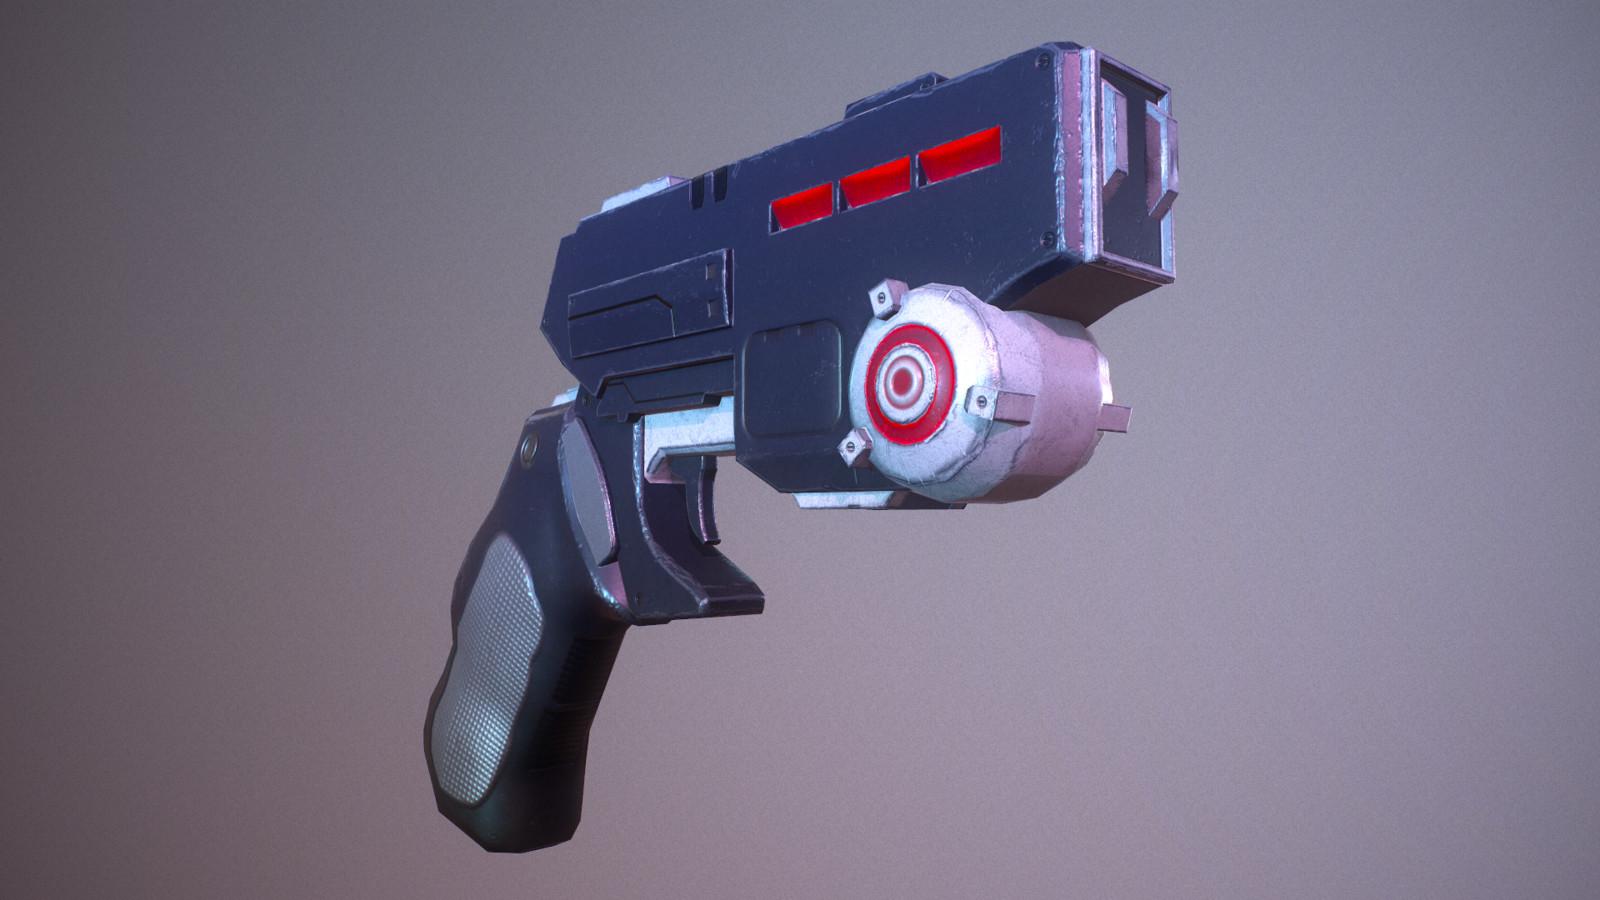 Sci fi blaster, Deliverance